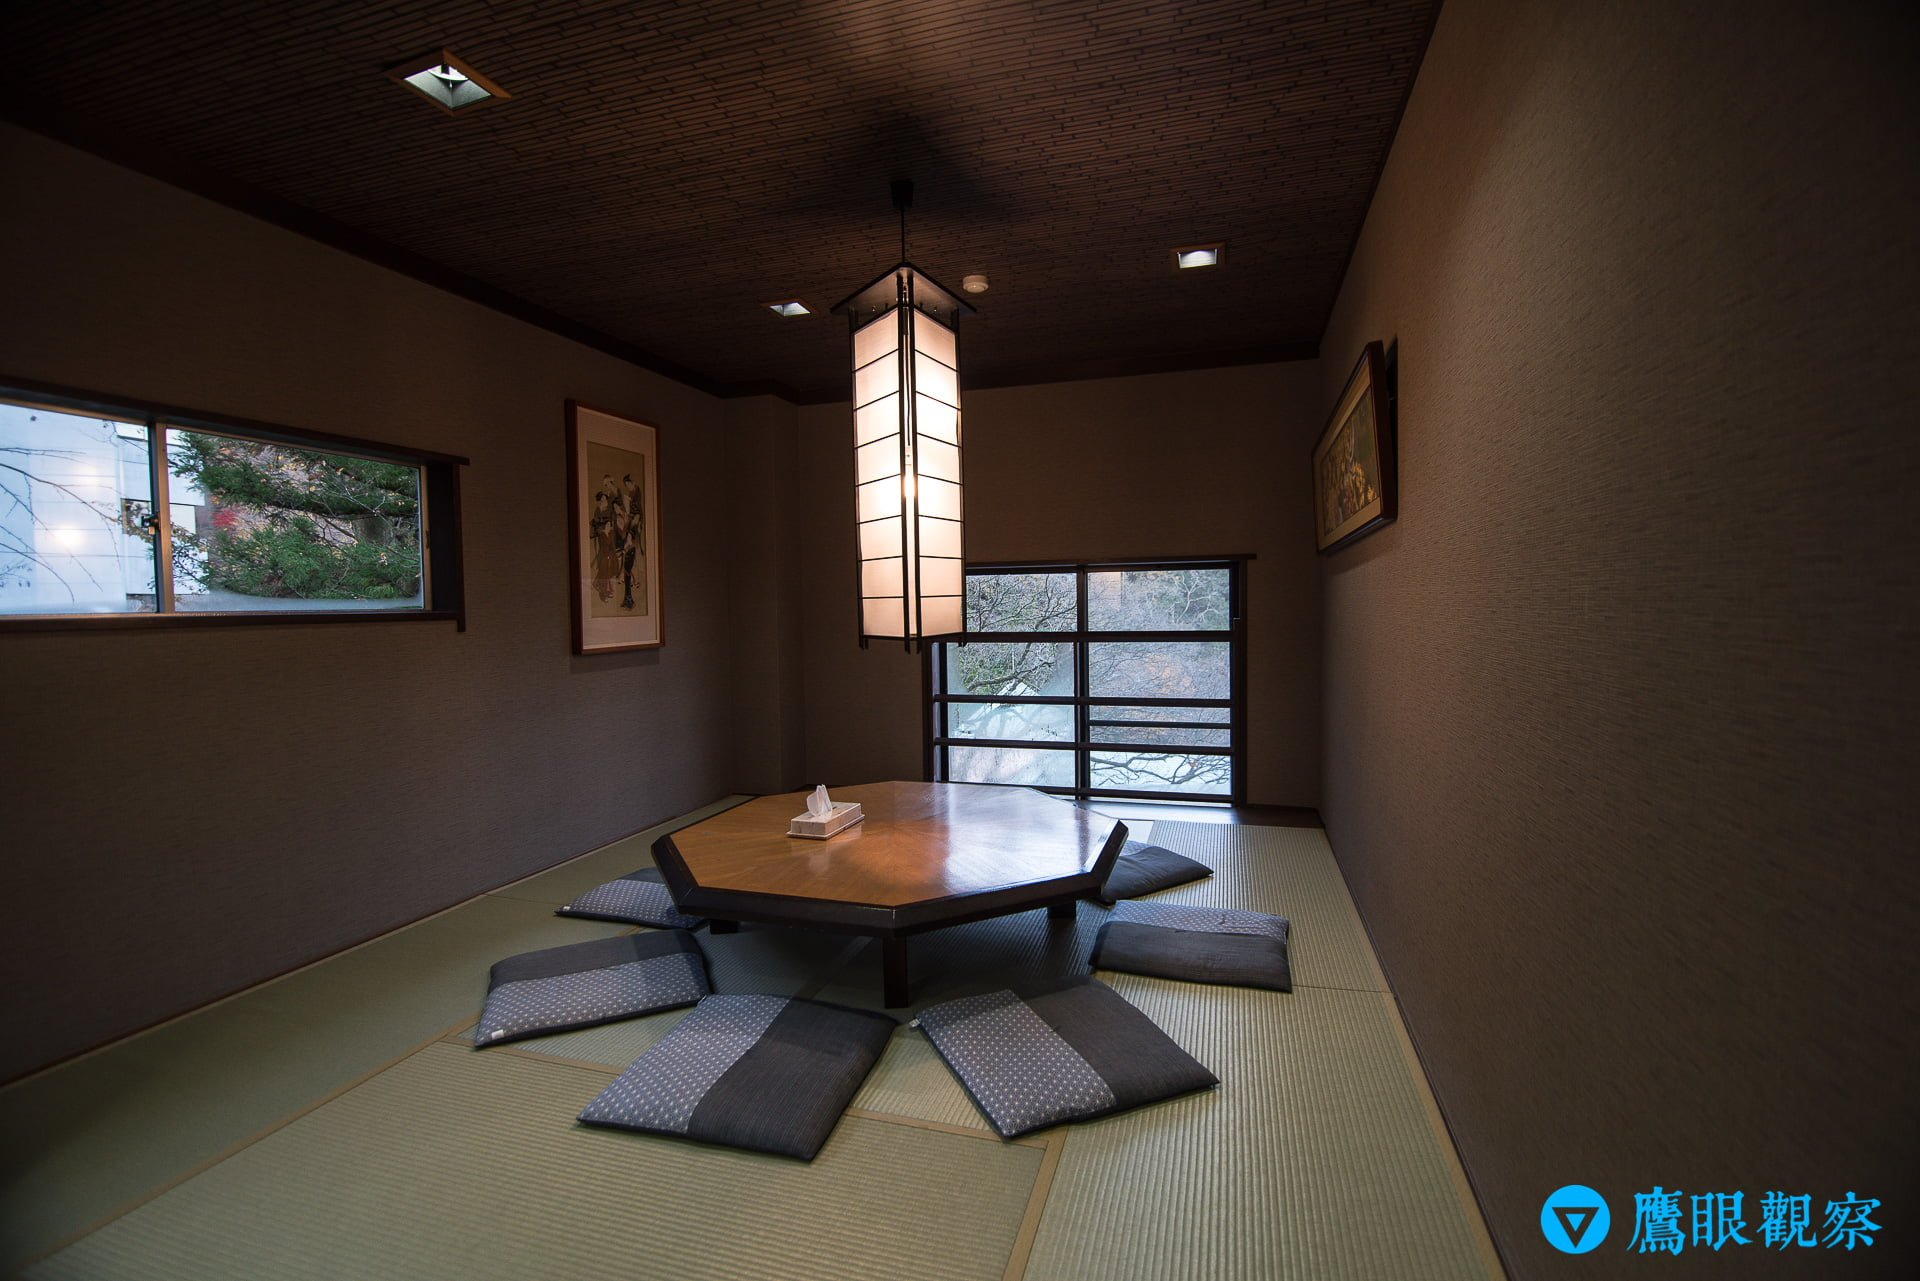 travel Japan gunma kishigon ryokan hotel in izumo spa hot spring 46 群馬縣伊香保溫泉「岸權旅館」日本旅館住宿推薦